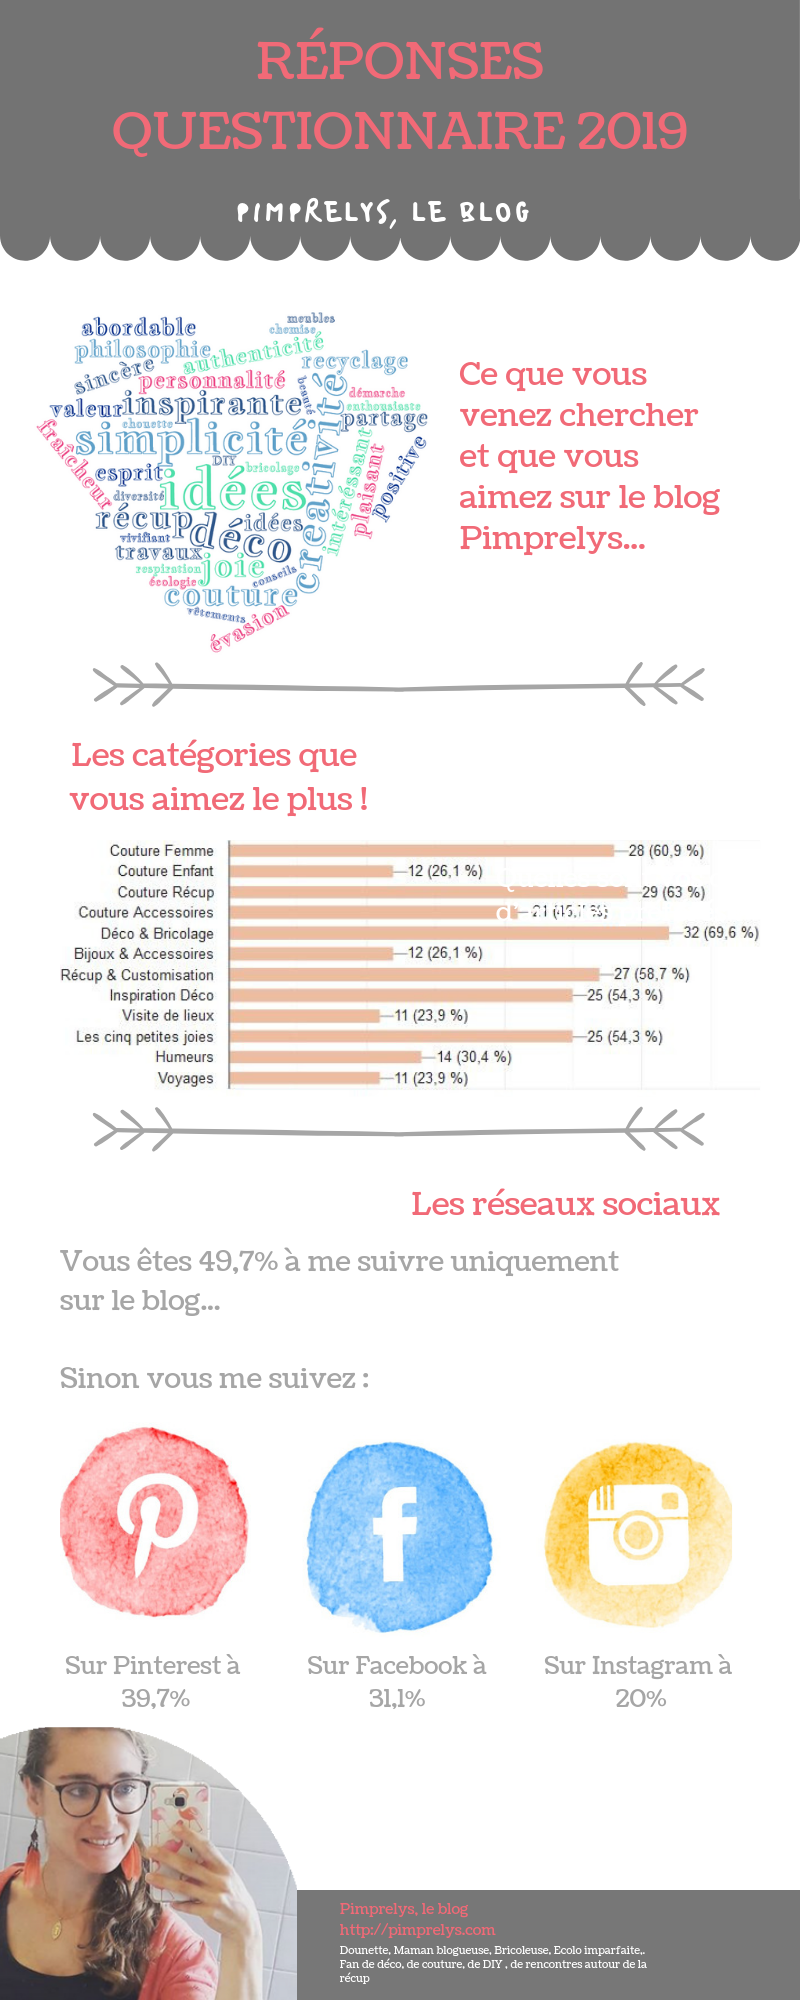 Infographie Pimprelys, le blog